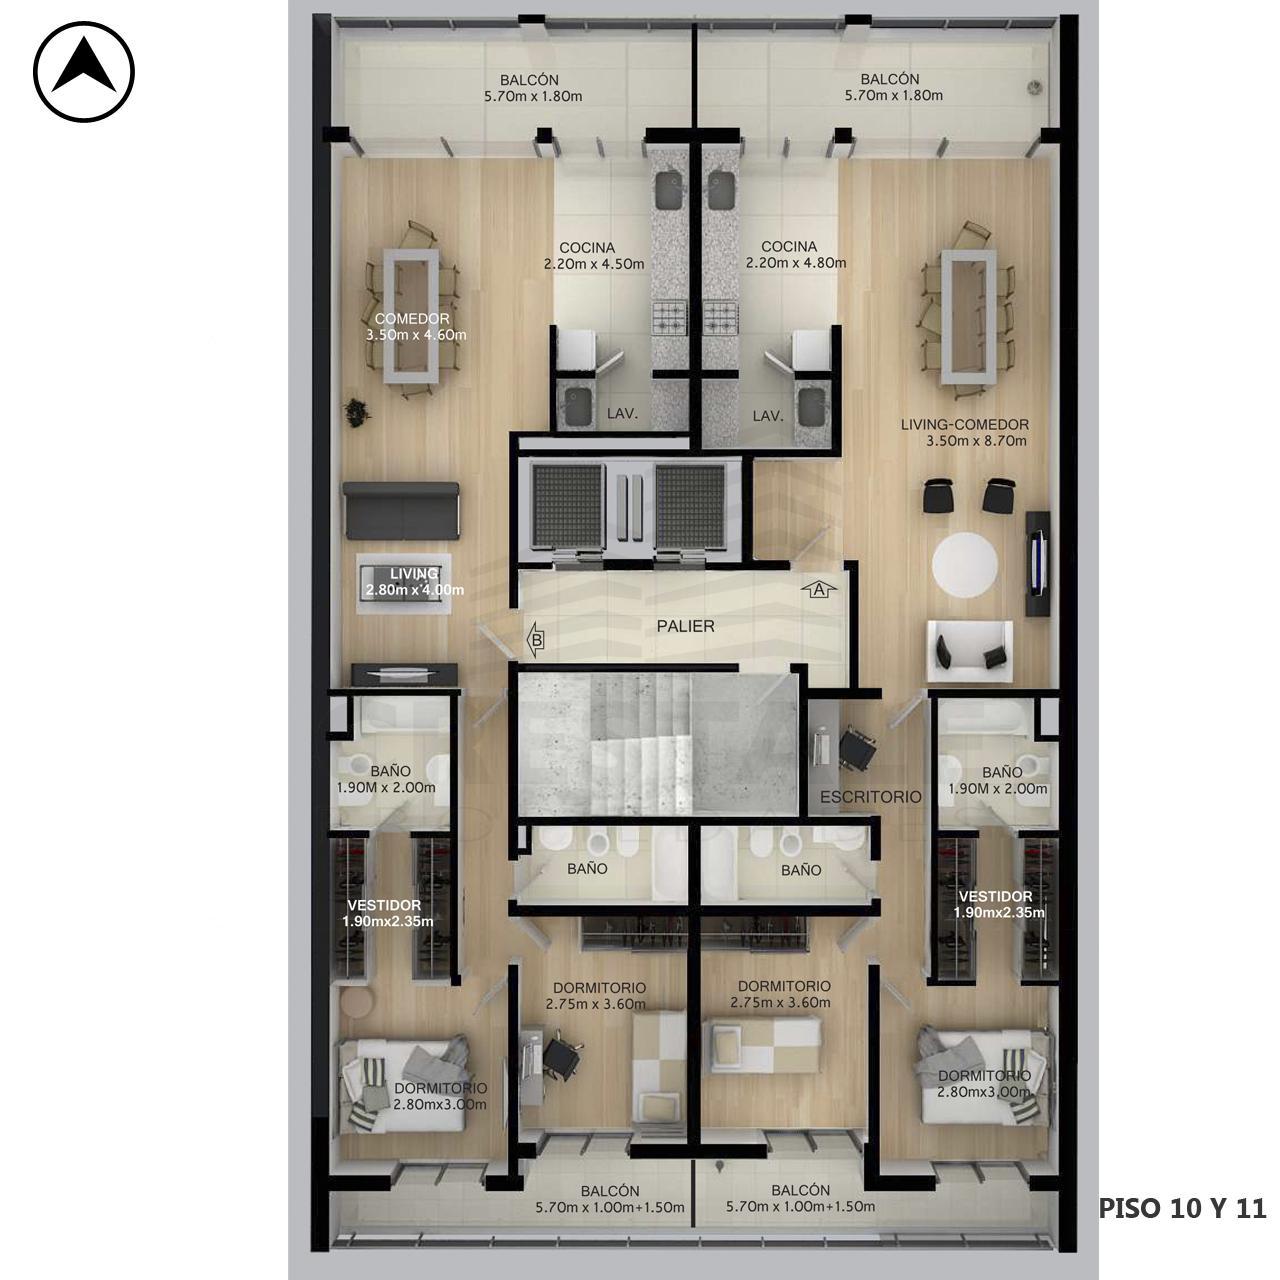 Venta departamento 1 dormitorio Rosario, Centro. Cod CBU10998 AP2310786. Crestale Propiedades